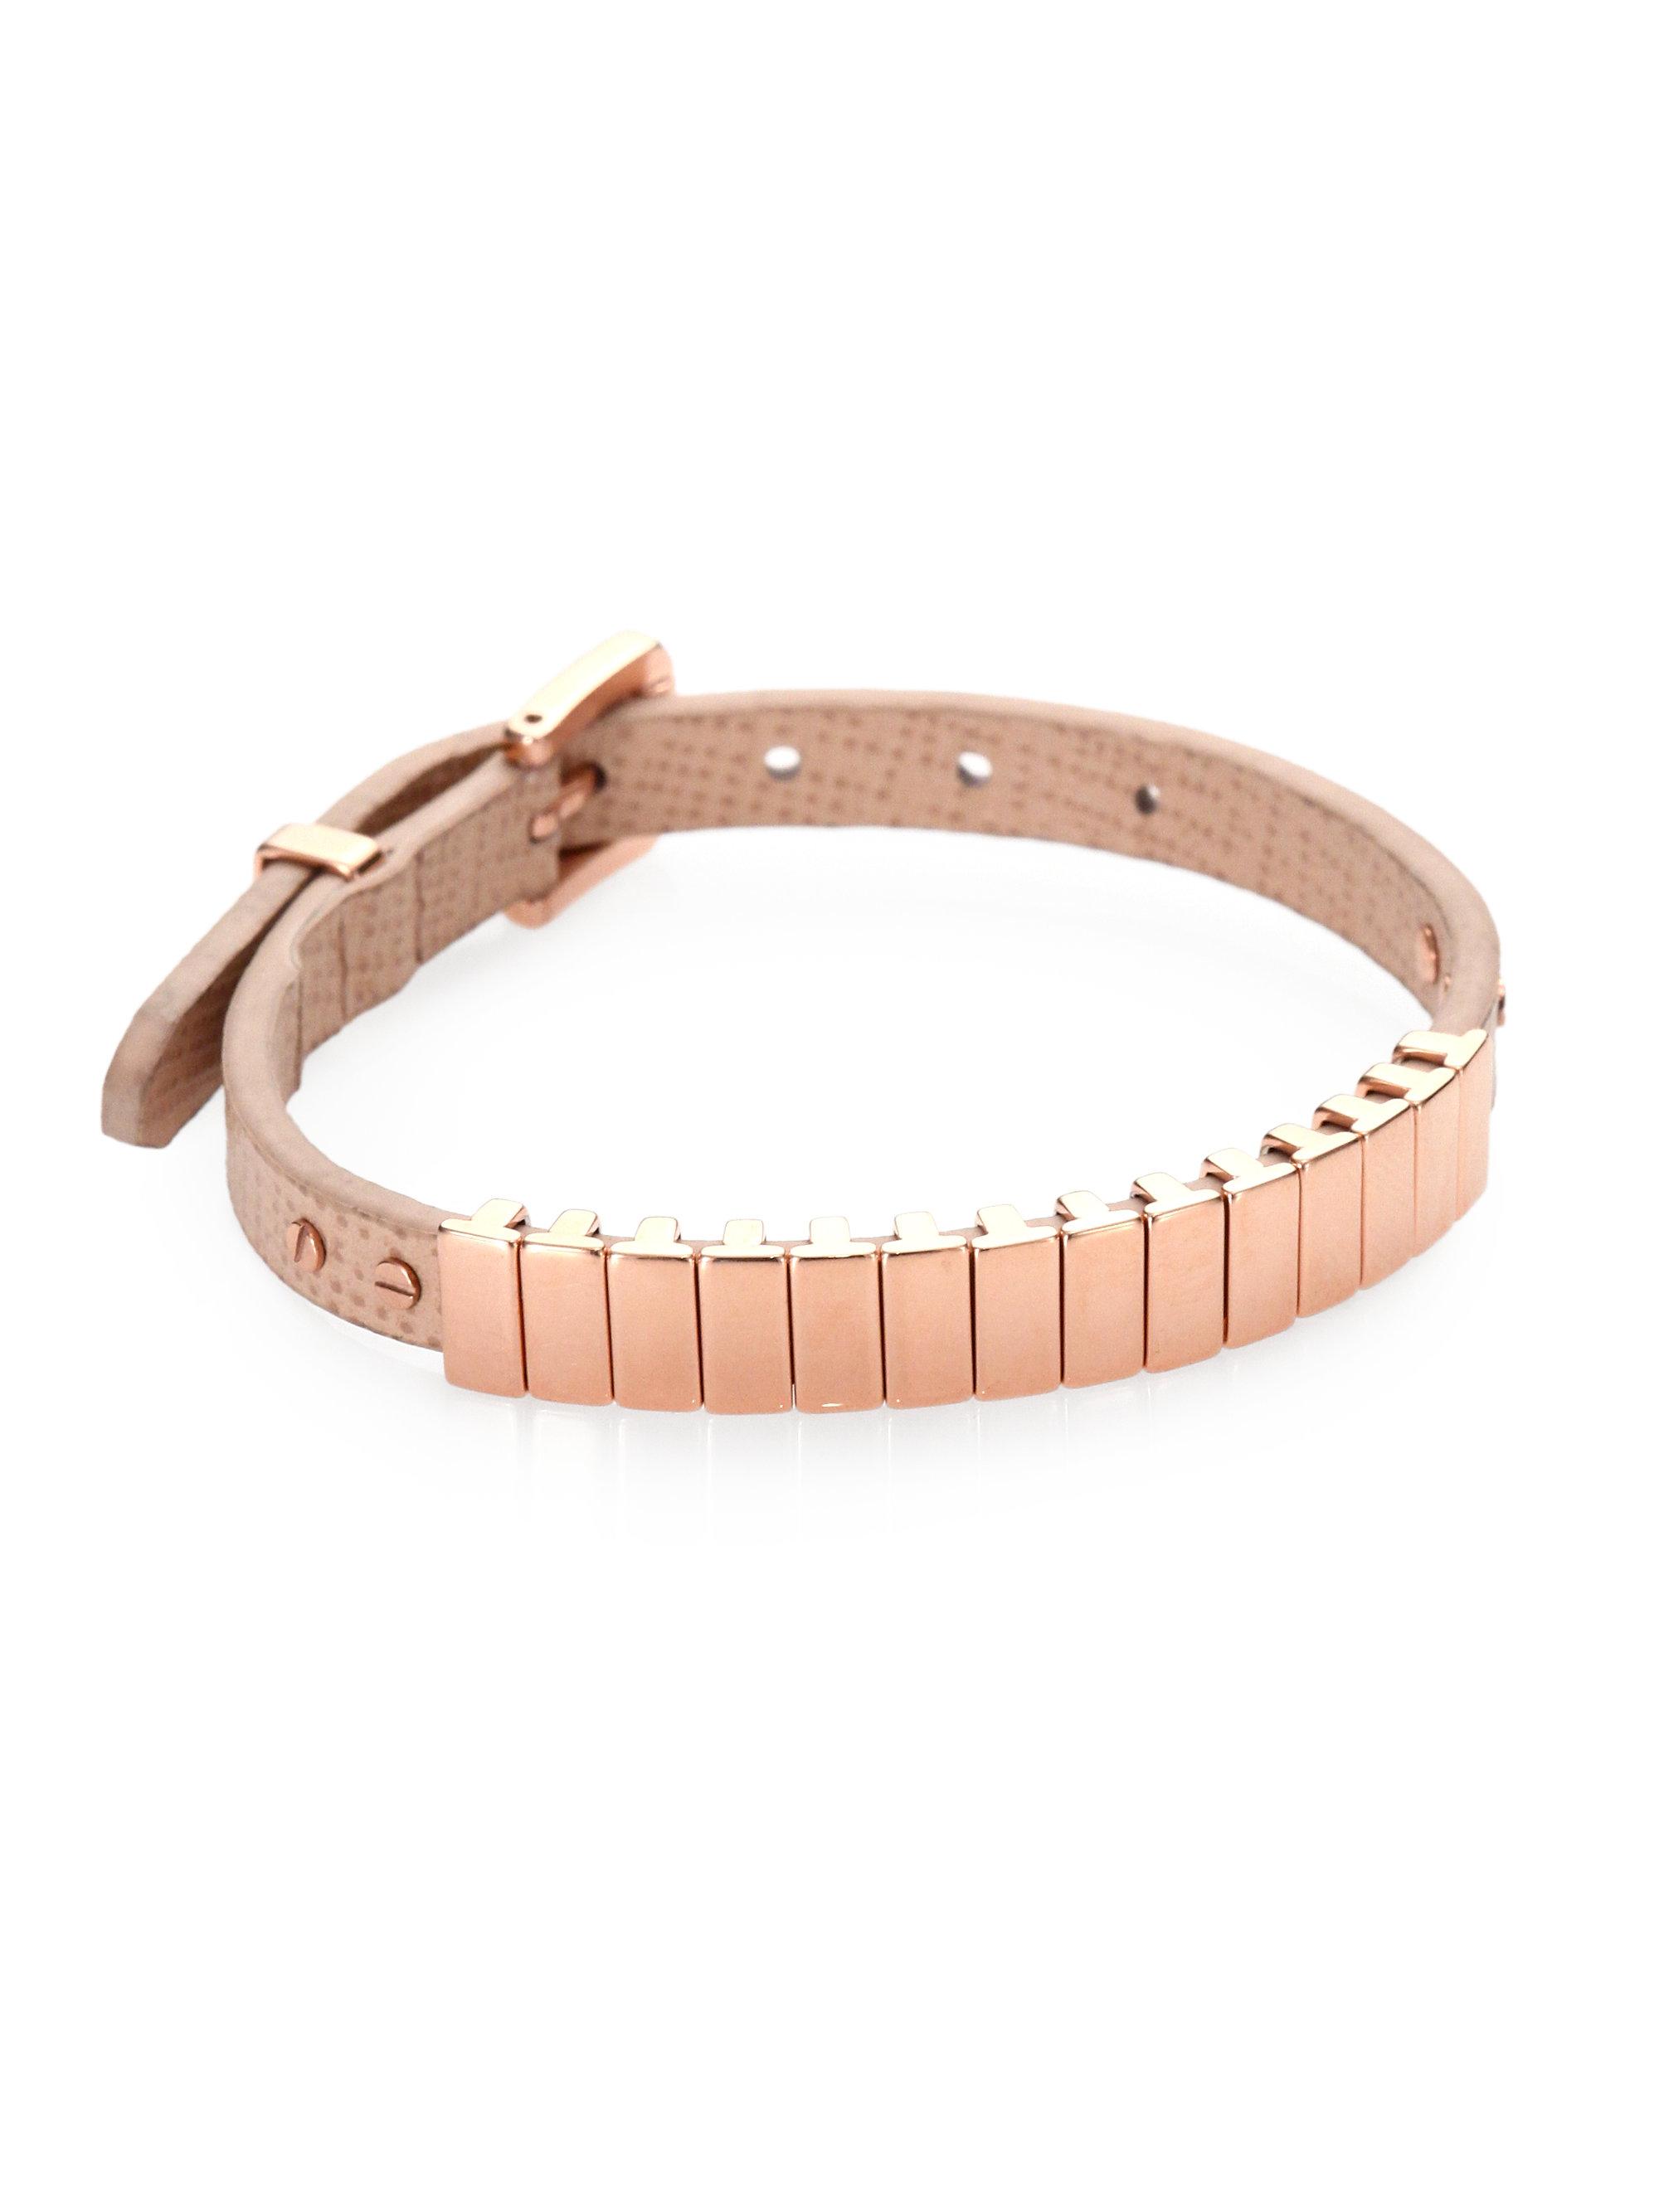 michael kors armband pink michael kors damen armband uhr. Black Bedroom Furniture Sets. Home Design Ideas